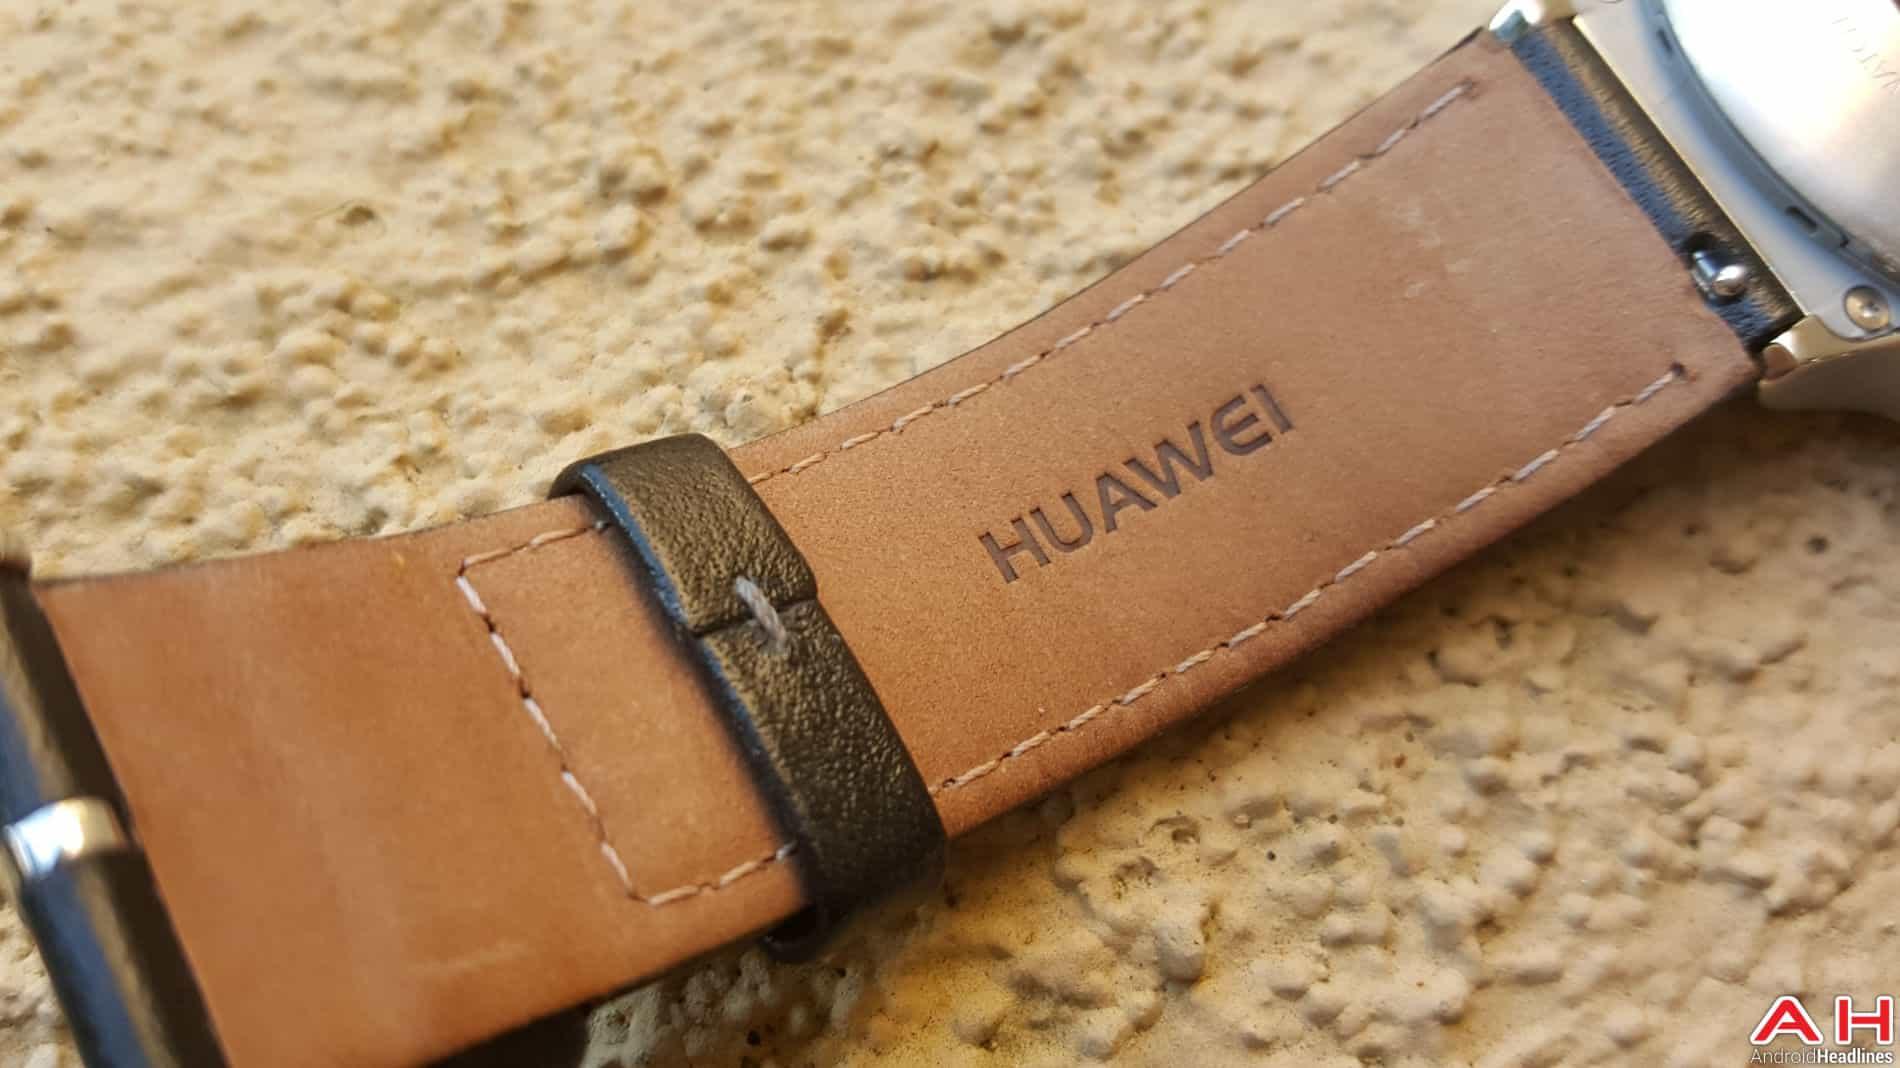 Huawei Watch AH 80